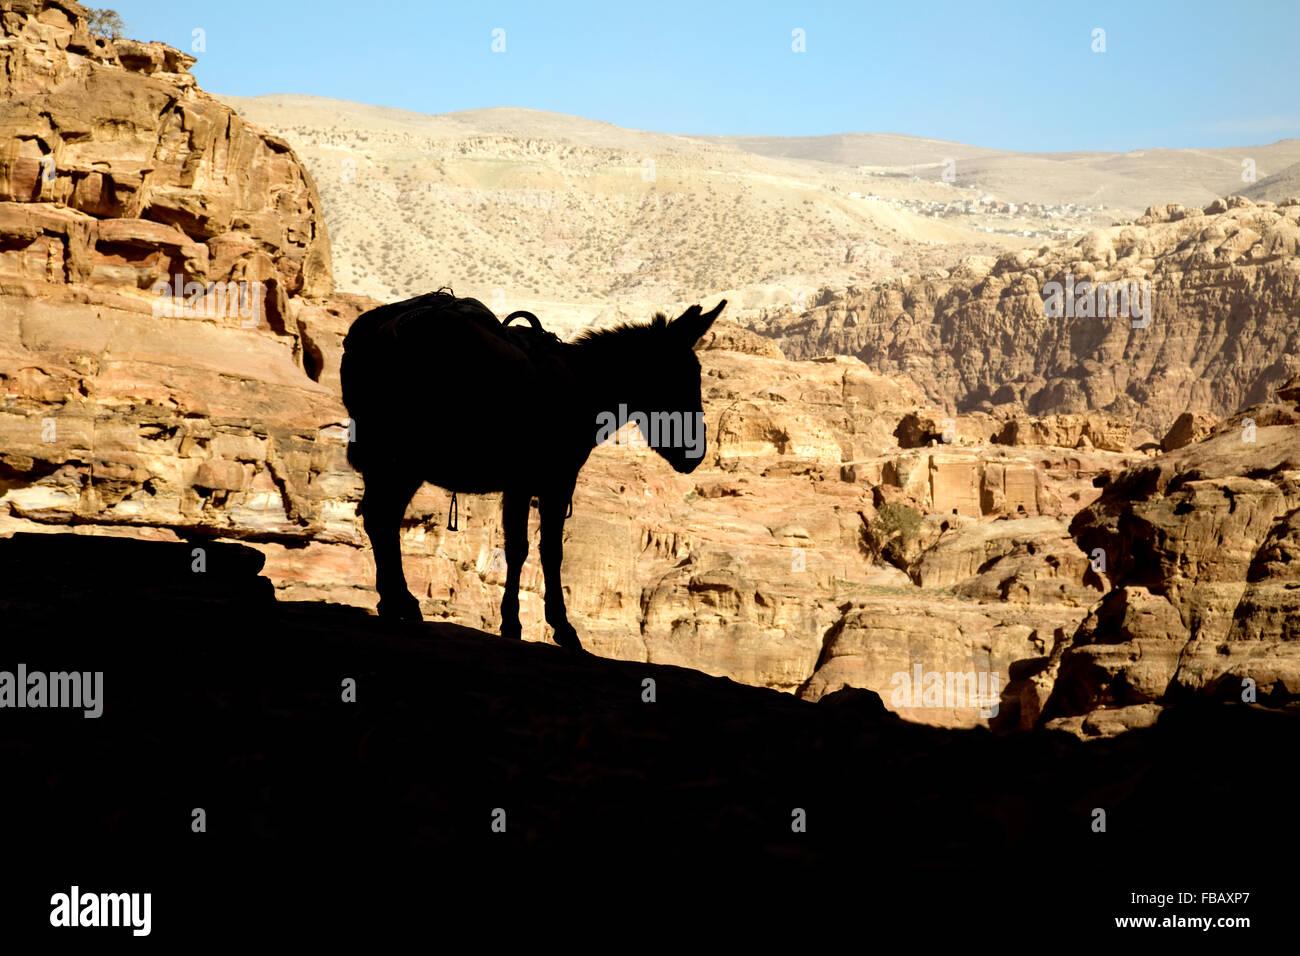 La silhouette d'un âne contre le soleil, les montagnes de Jordanie, Moyen-Orient, Asie Photo Stock